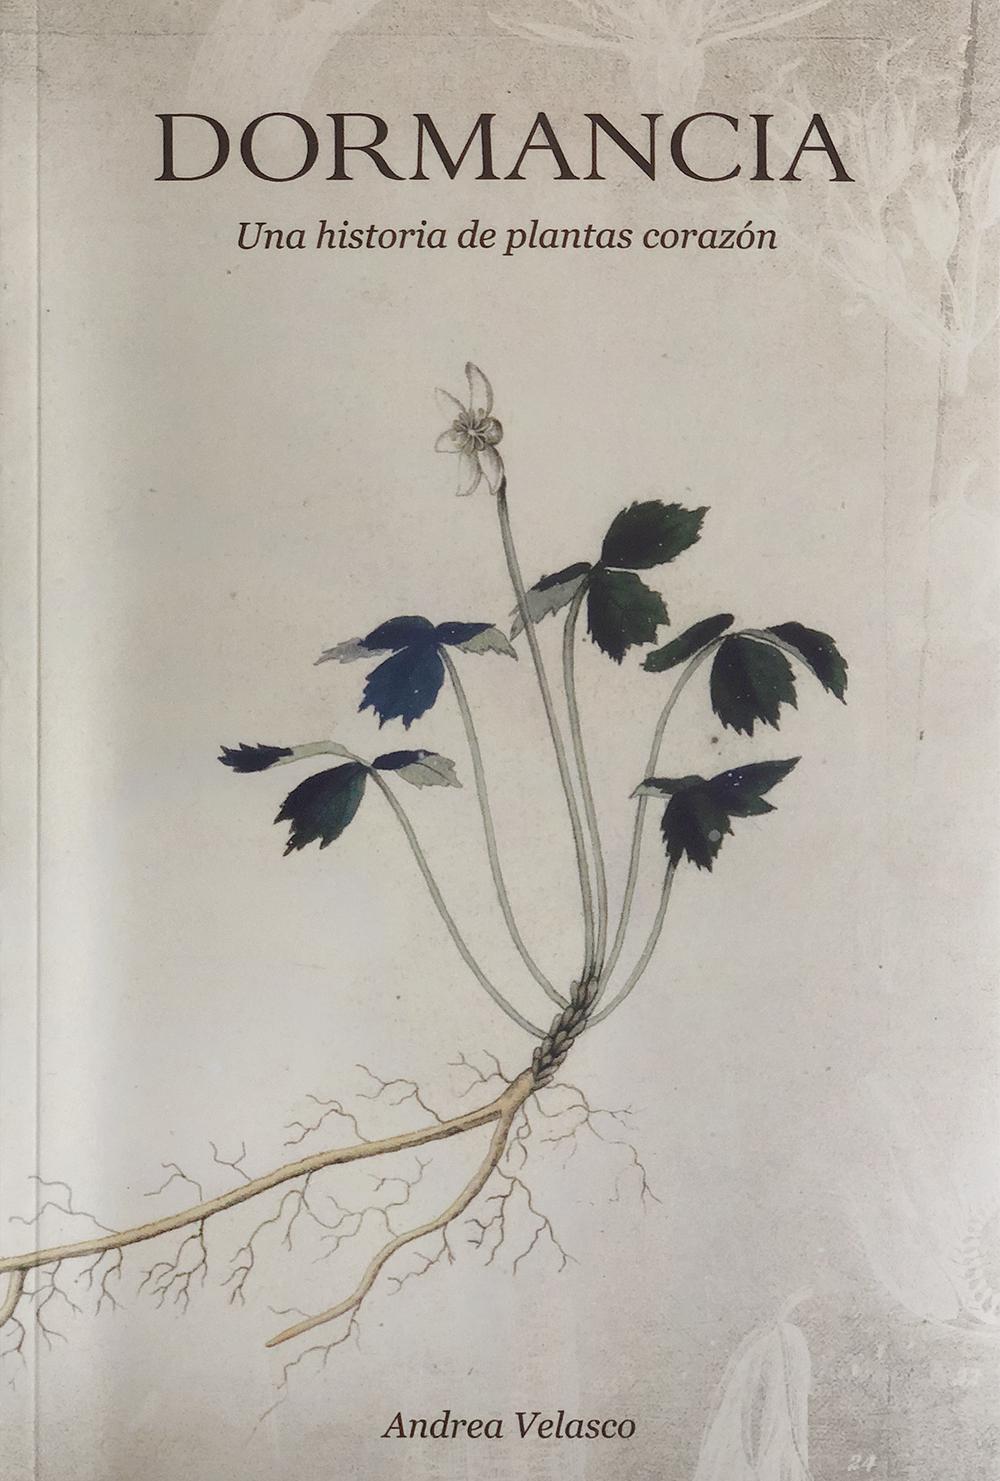 Dormancia - Una historia de plantas corazónpor Andrea VelascoUS $20.00